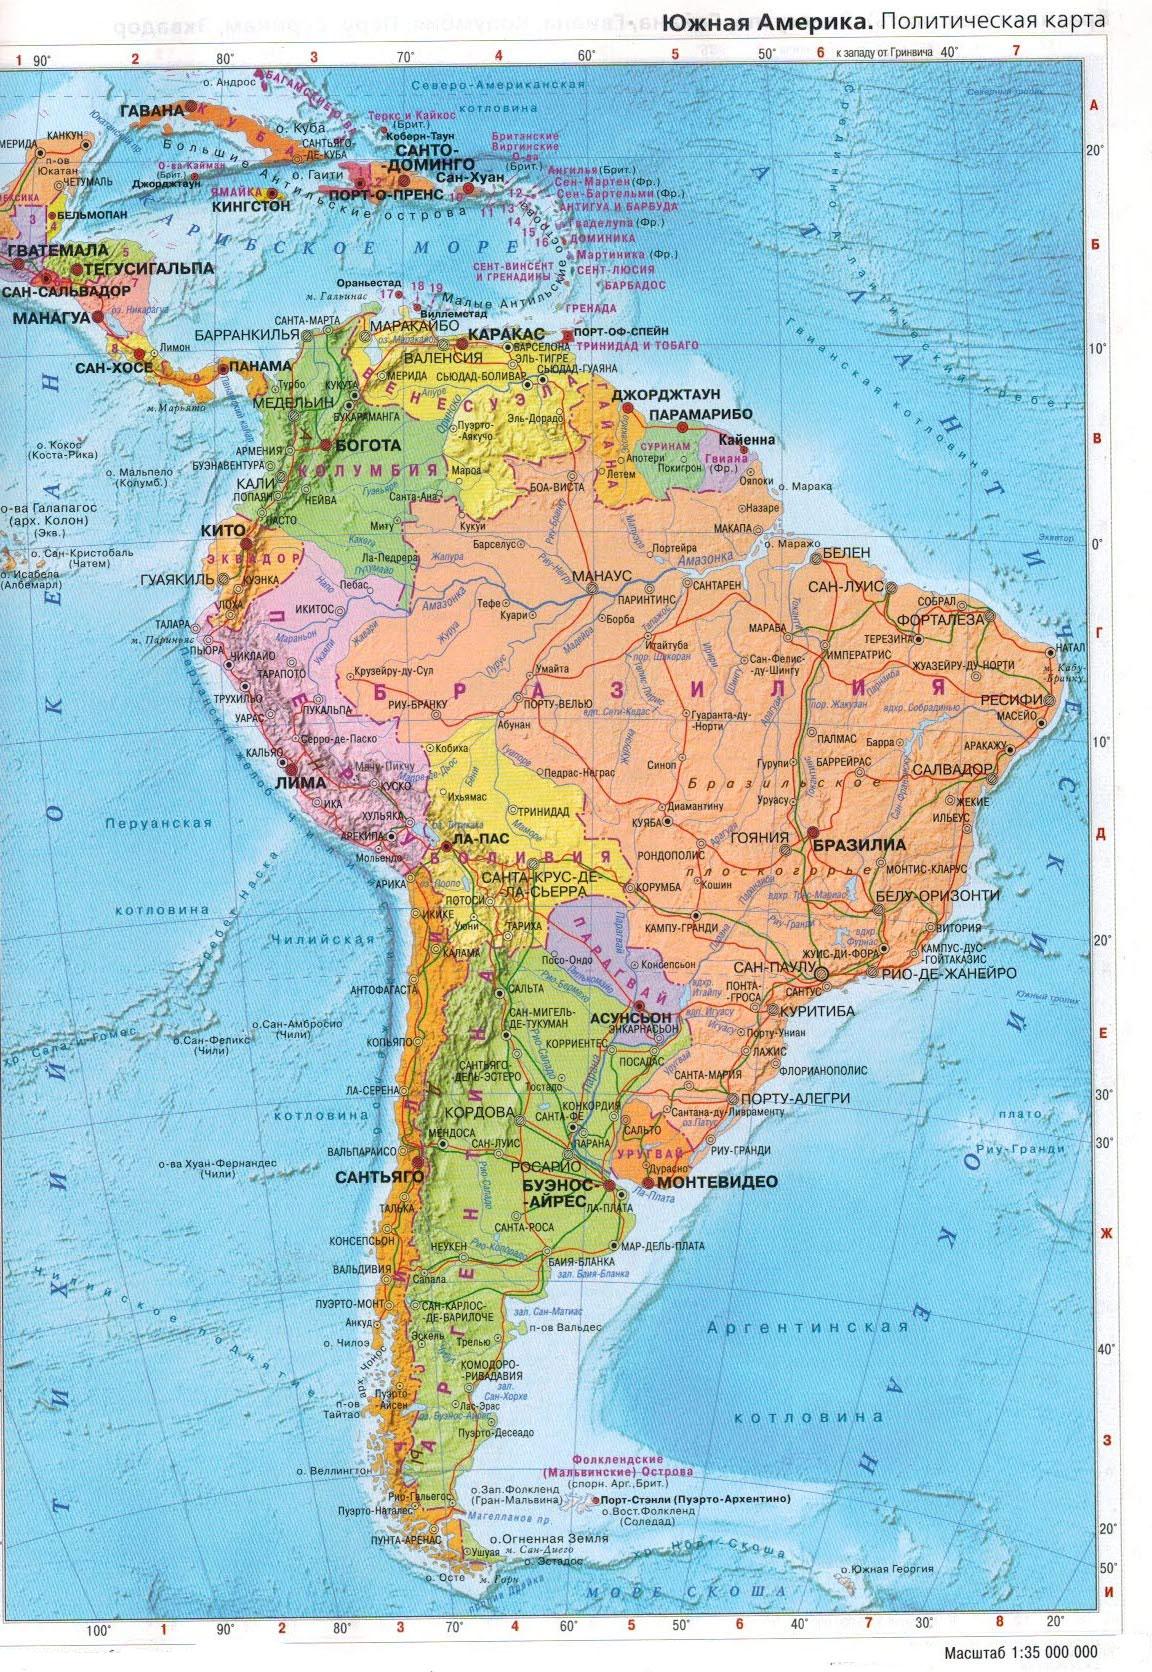 Настенная карта Южной Америки политическая ,ламинированная. р-р 0,70*1,0 м